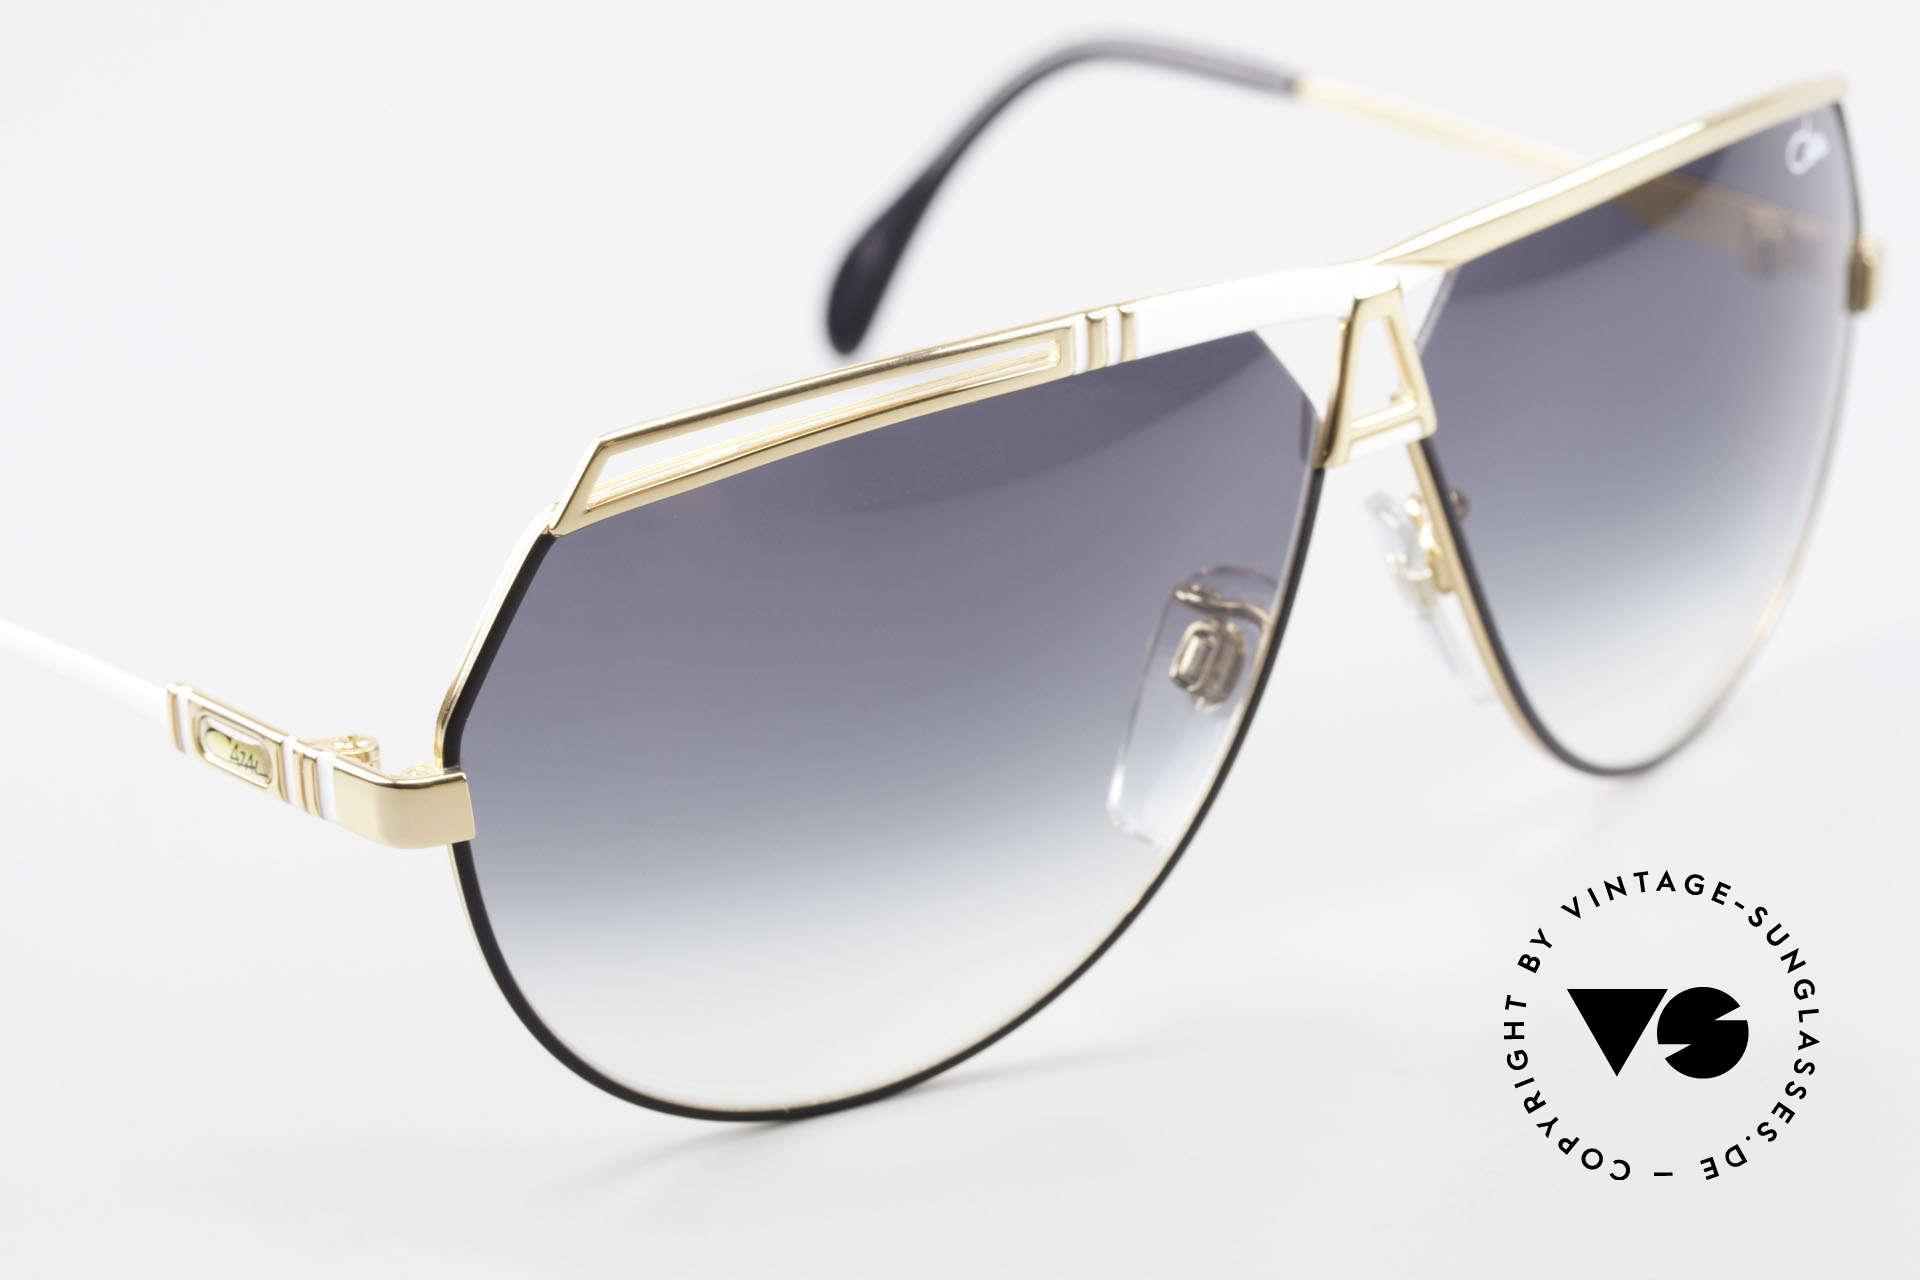 Cazal 954 Vintage Designer Sonnenbrille, KEINE Retro Sonnenbrille, sondern ein altes ORIGINAL, Passend für Herren und Damen